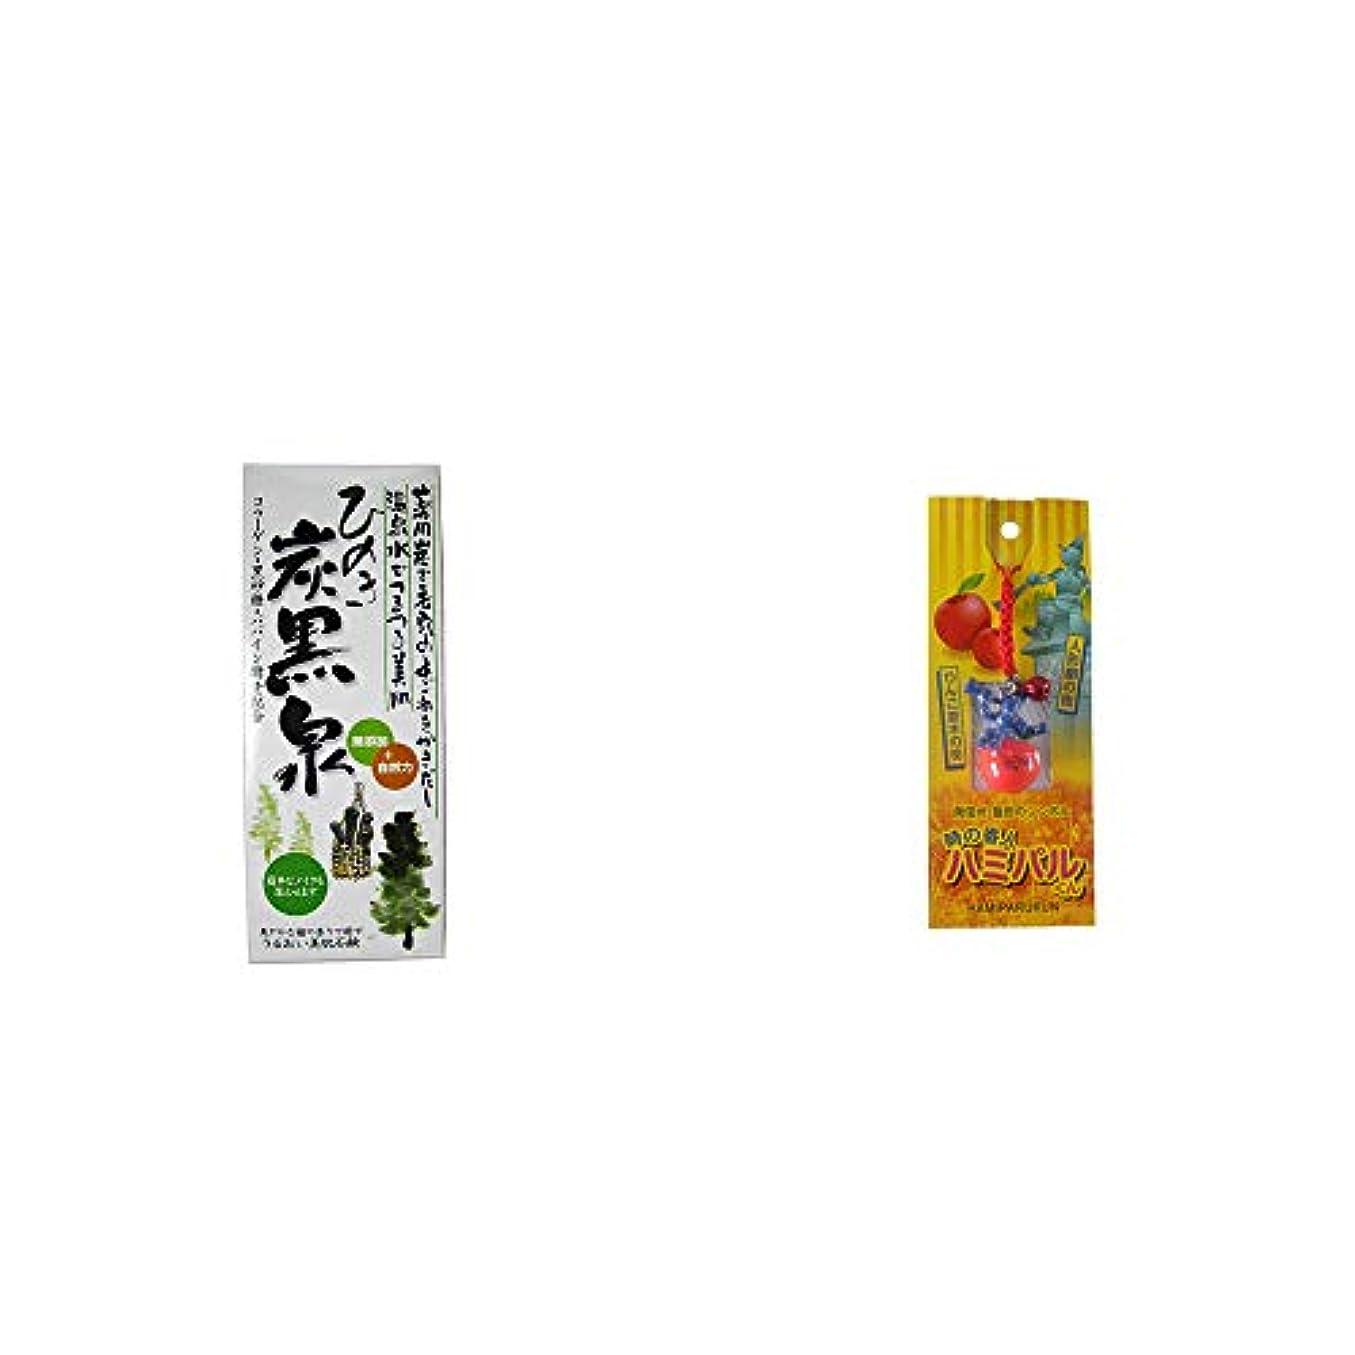 統治可能ブランチ慈善[2点セット] ひのき炭黒泉 箱入り(75g×3)?信州?飯田のシンボル 時の番人ハミパルくんストラップ